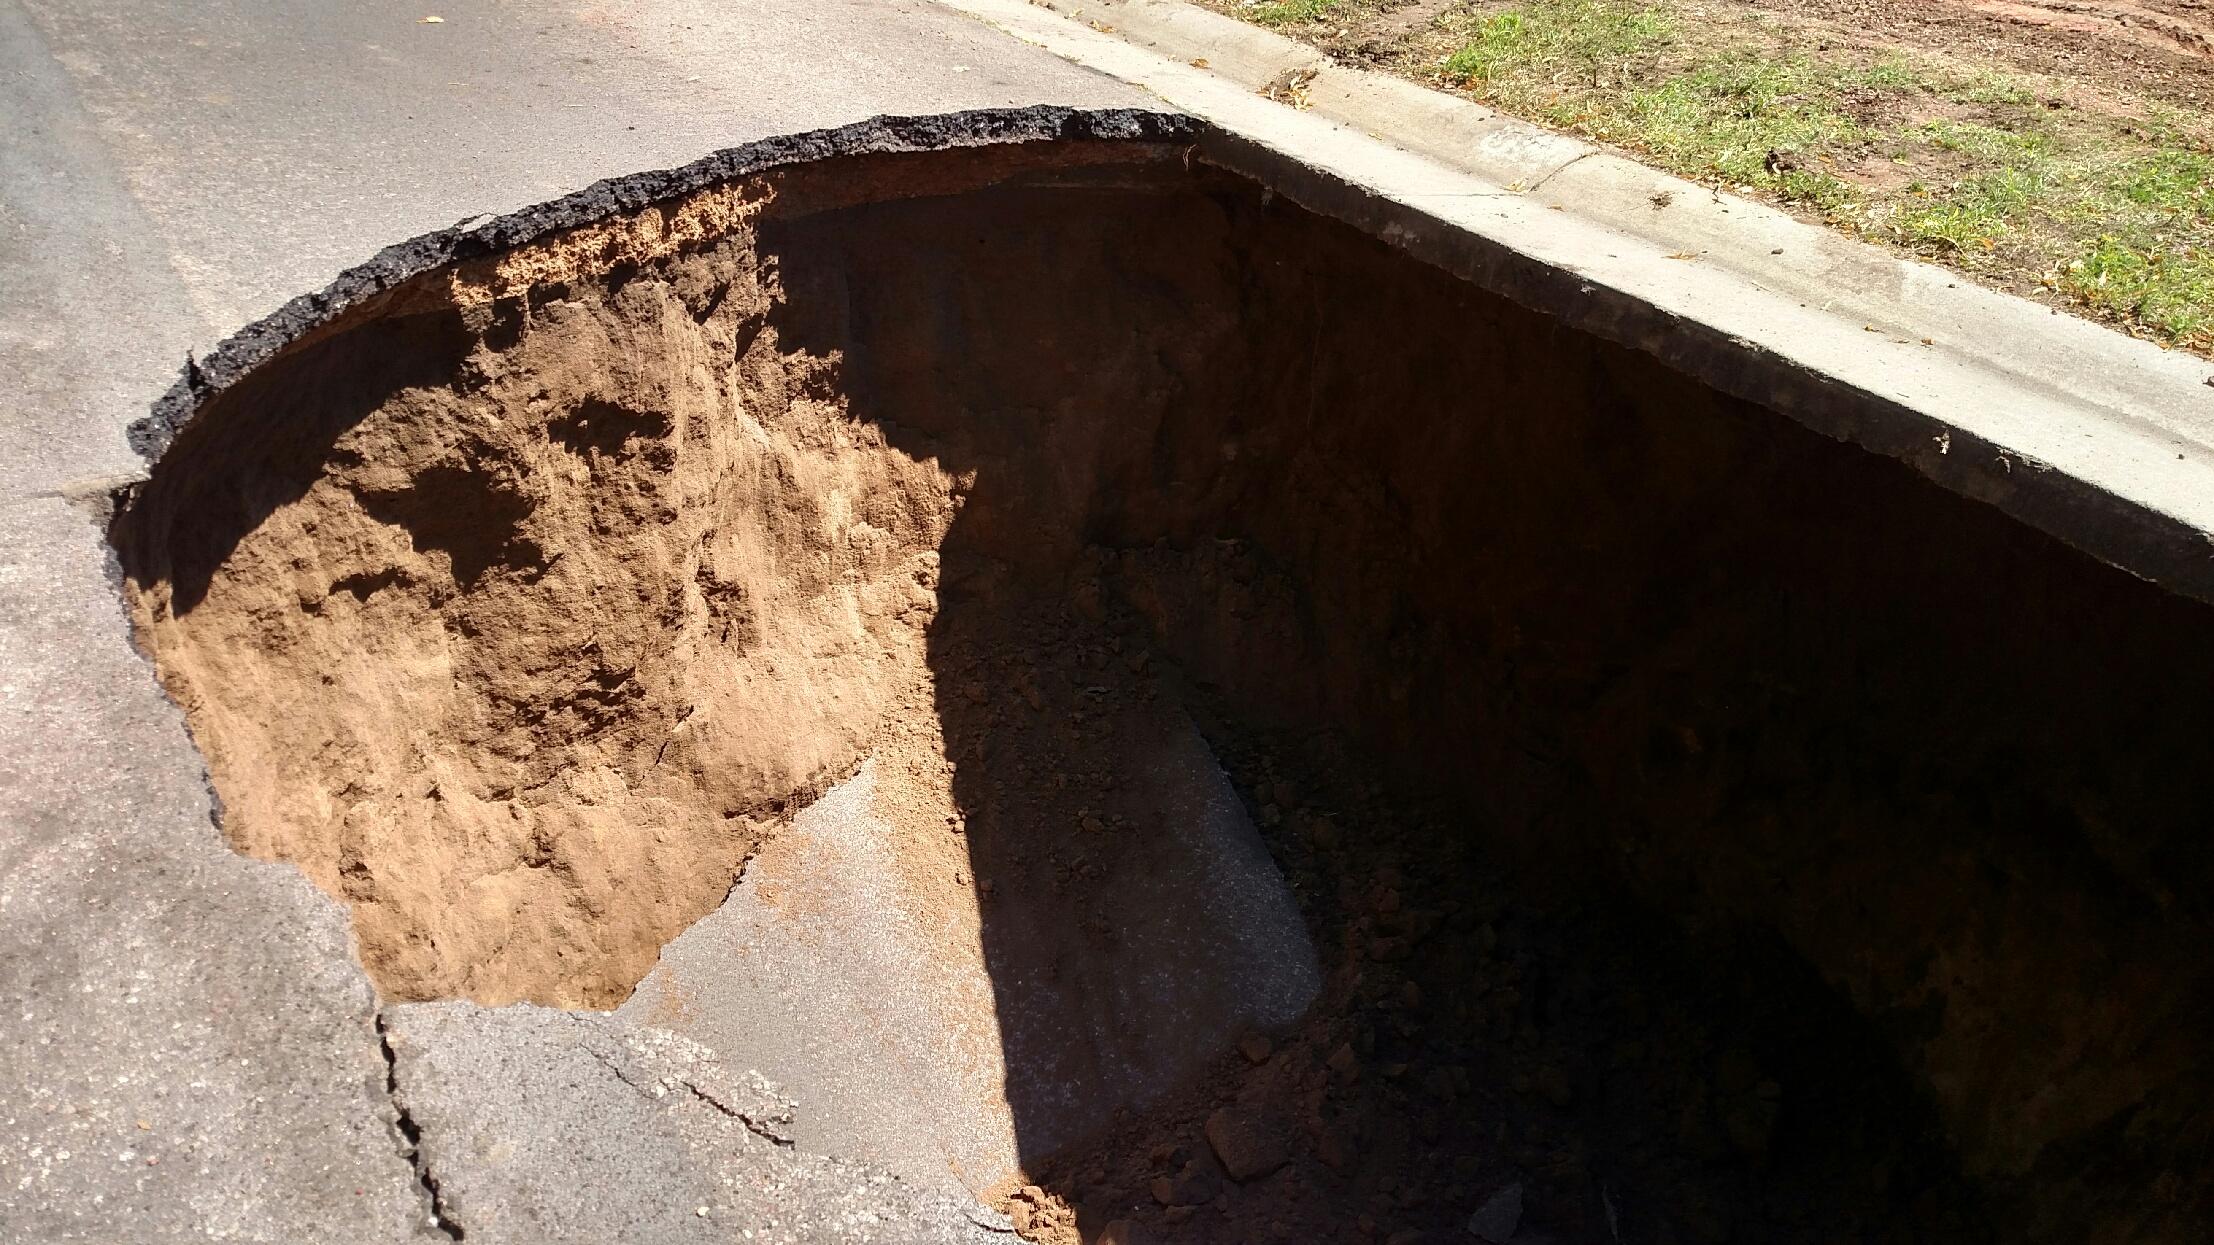 Closeup of a large sinkhole